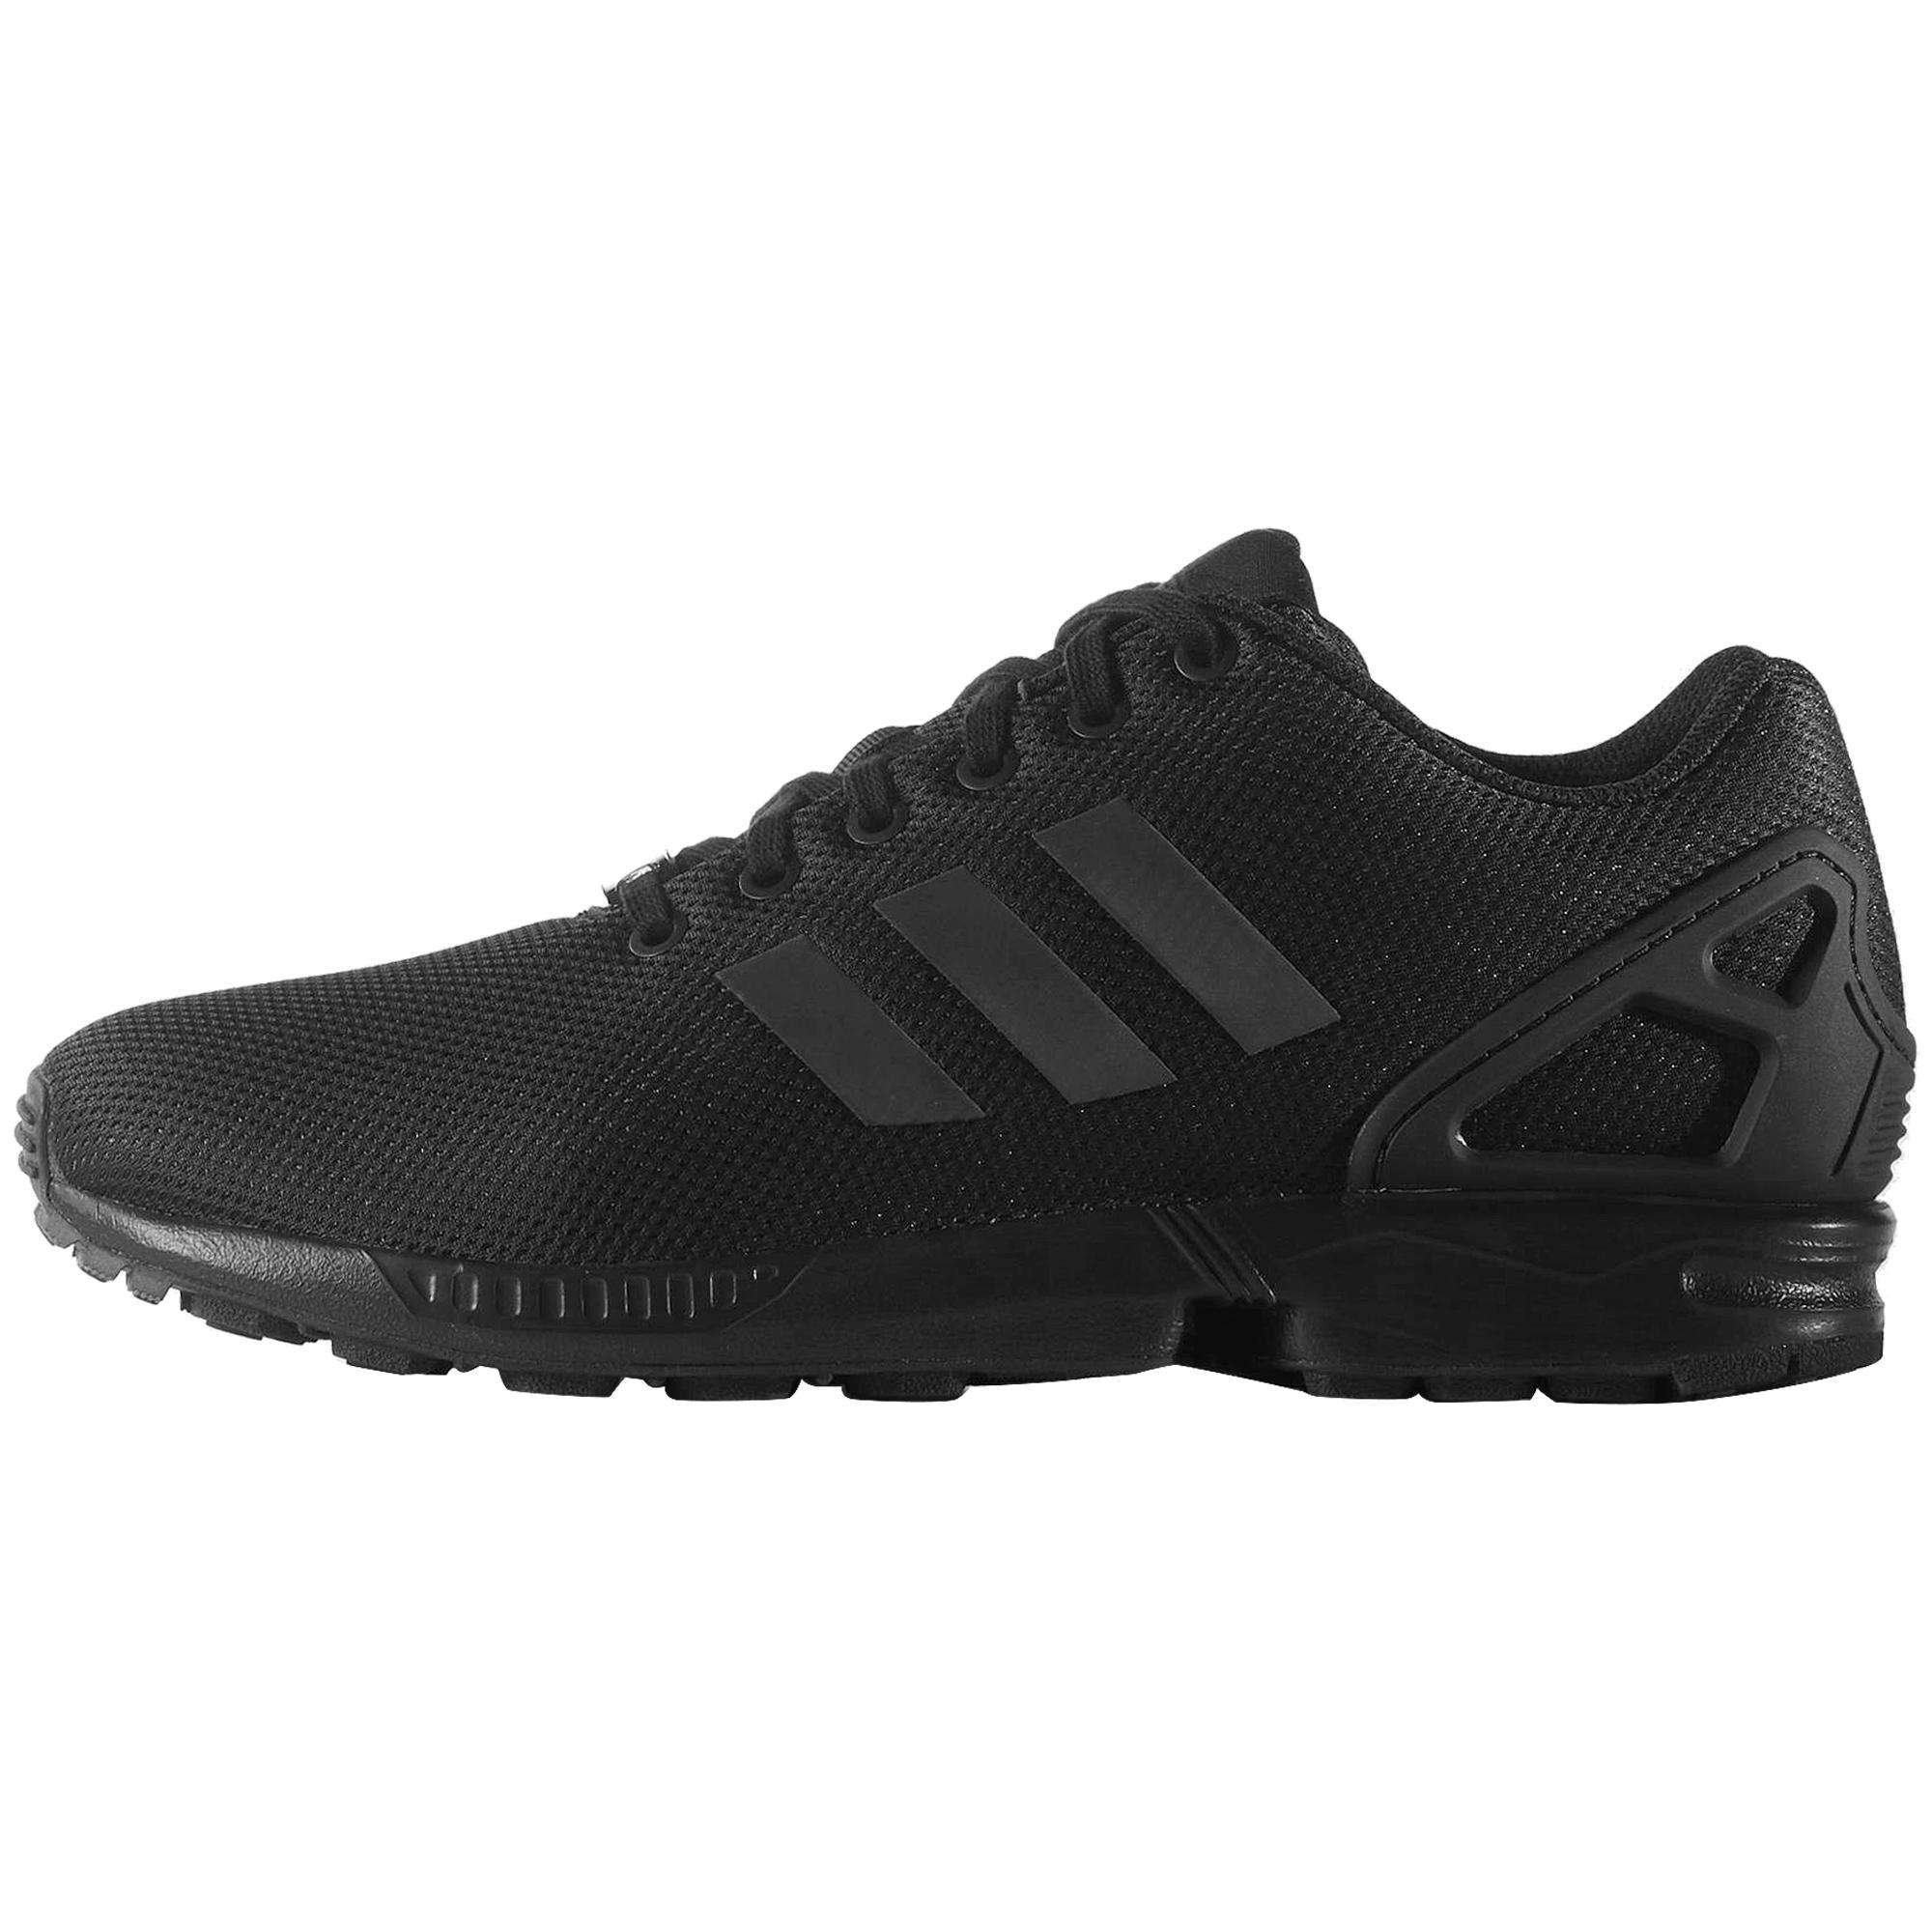 separation shoes ed667 18ff5 ... spain adidas zx flux ss16 erkek spor ayakkab 47026 6e58b